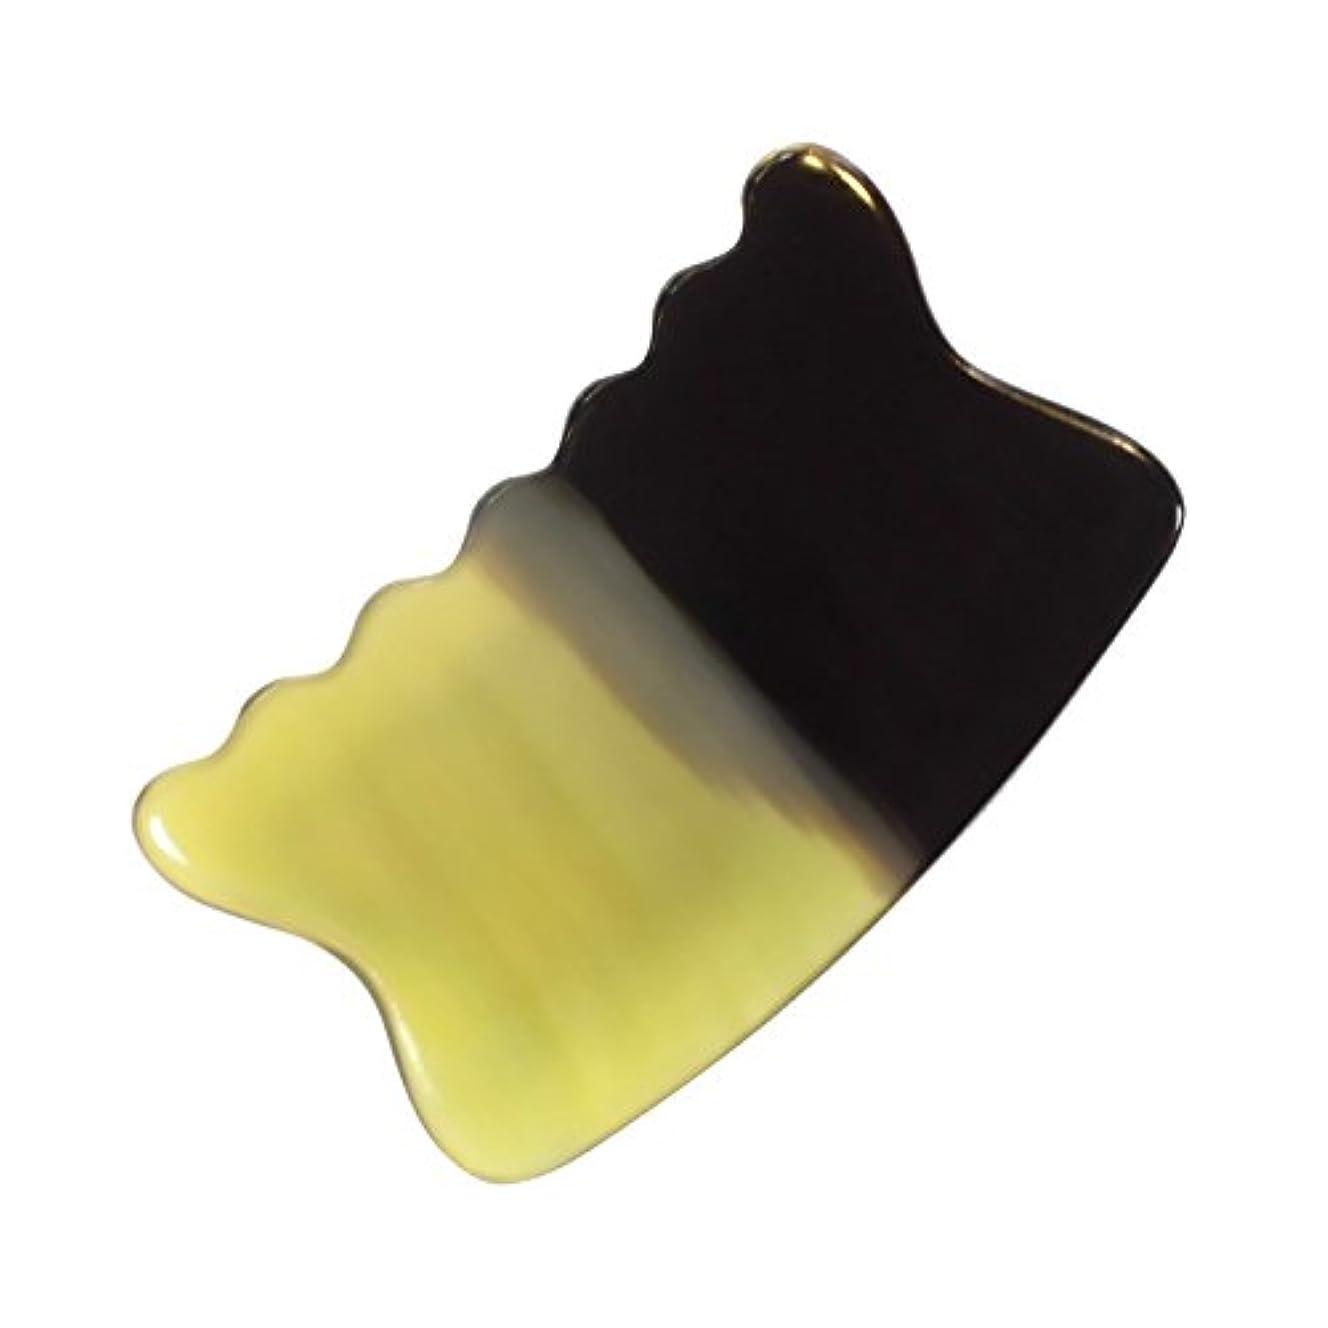 レプリカ添加剤使用法かっさ プレート 希少60 黄水牛角 極美品 曲波型